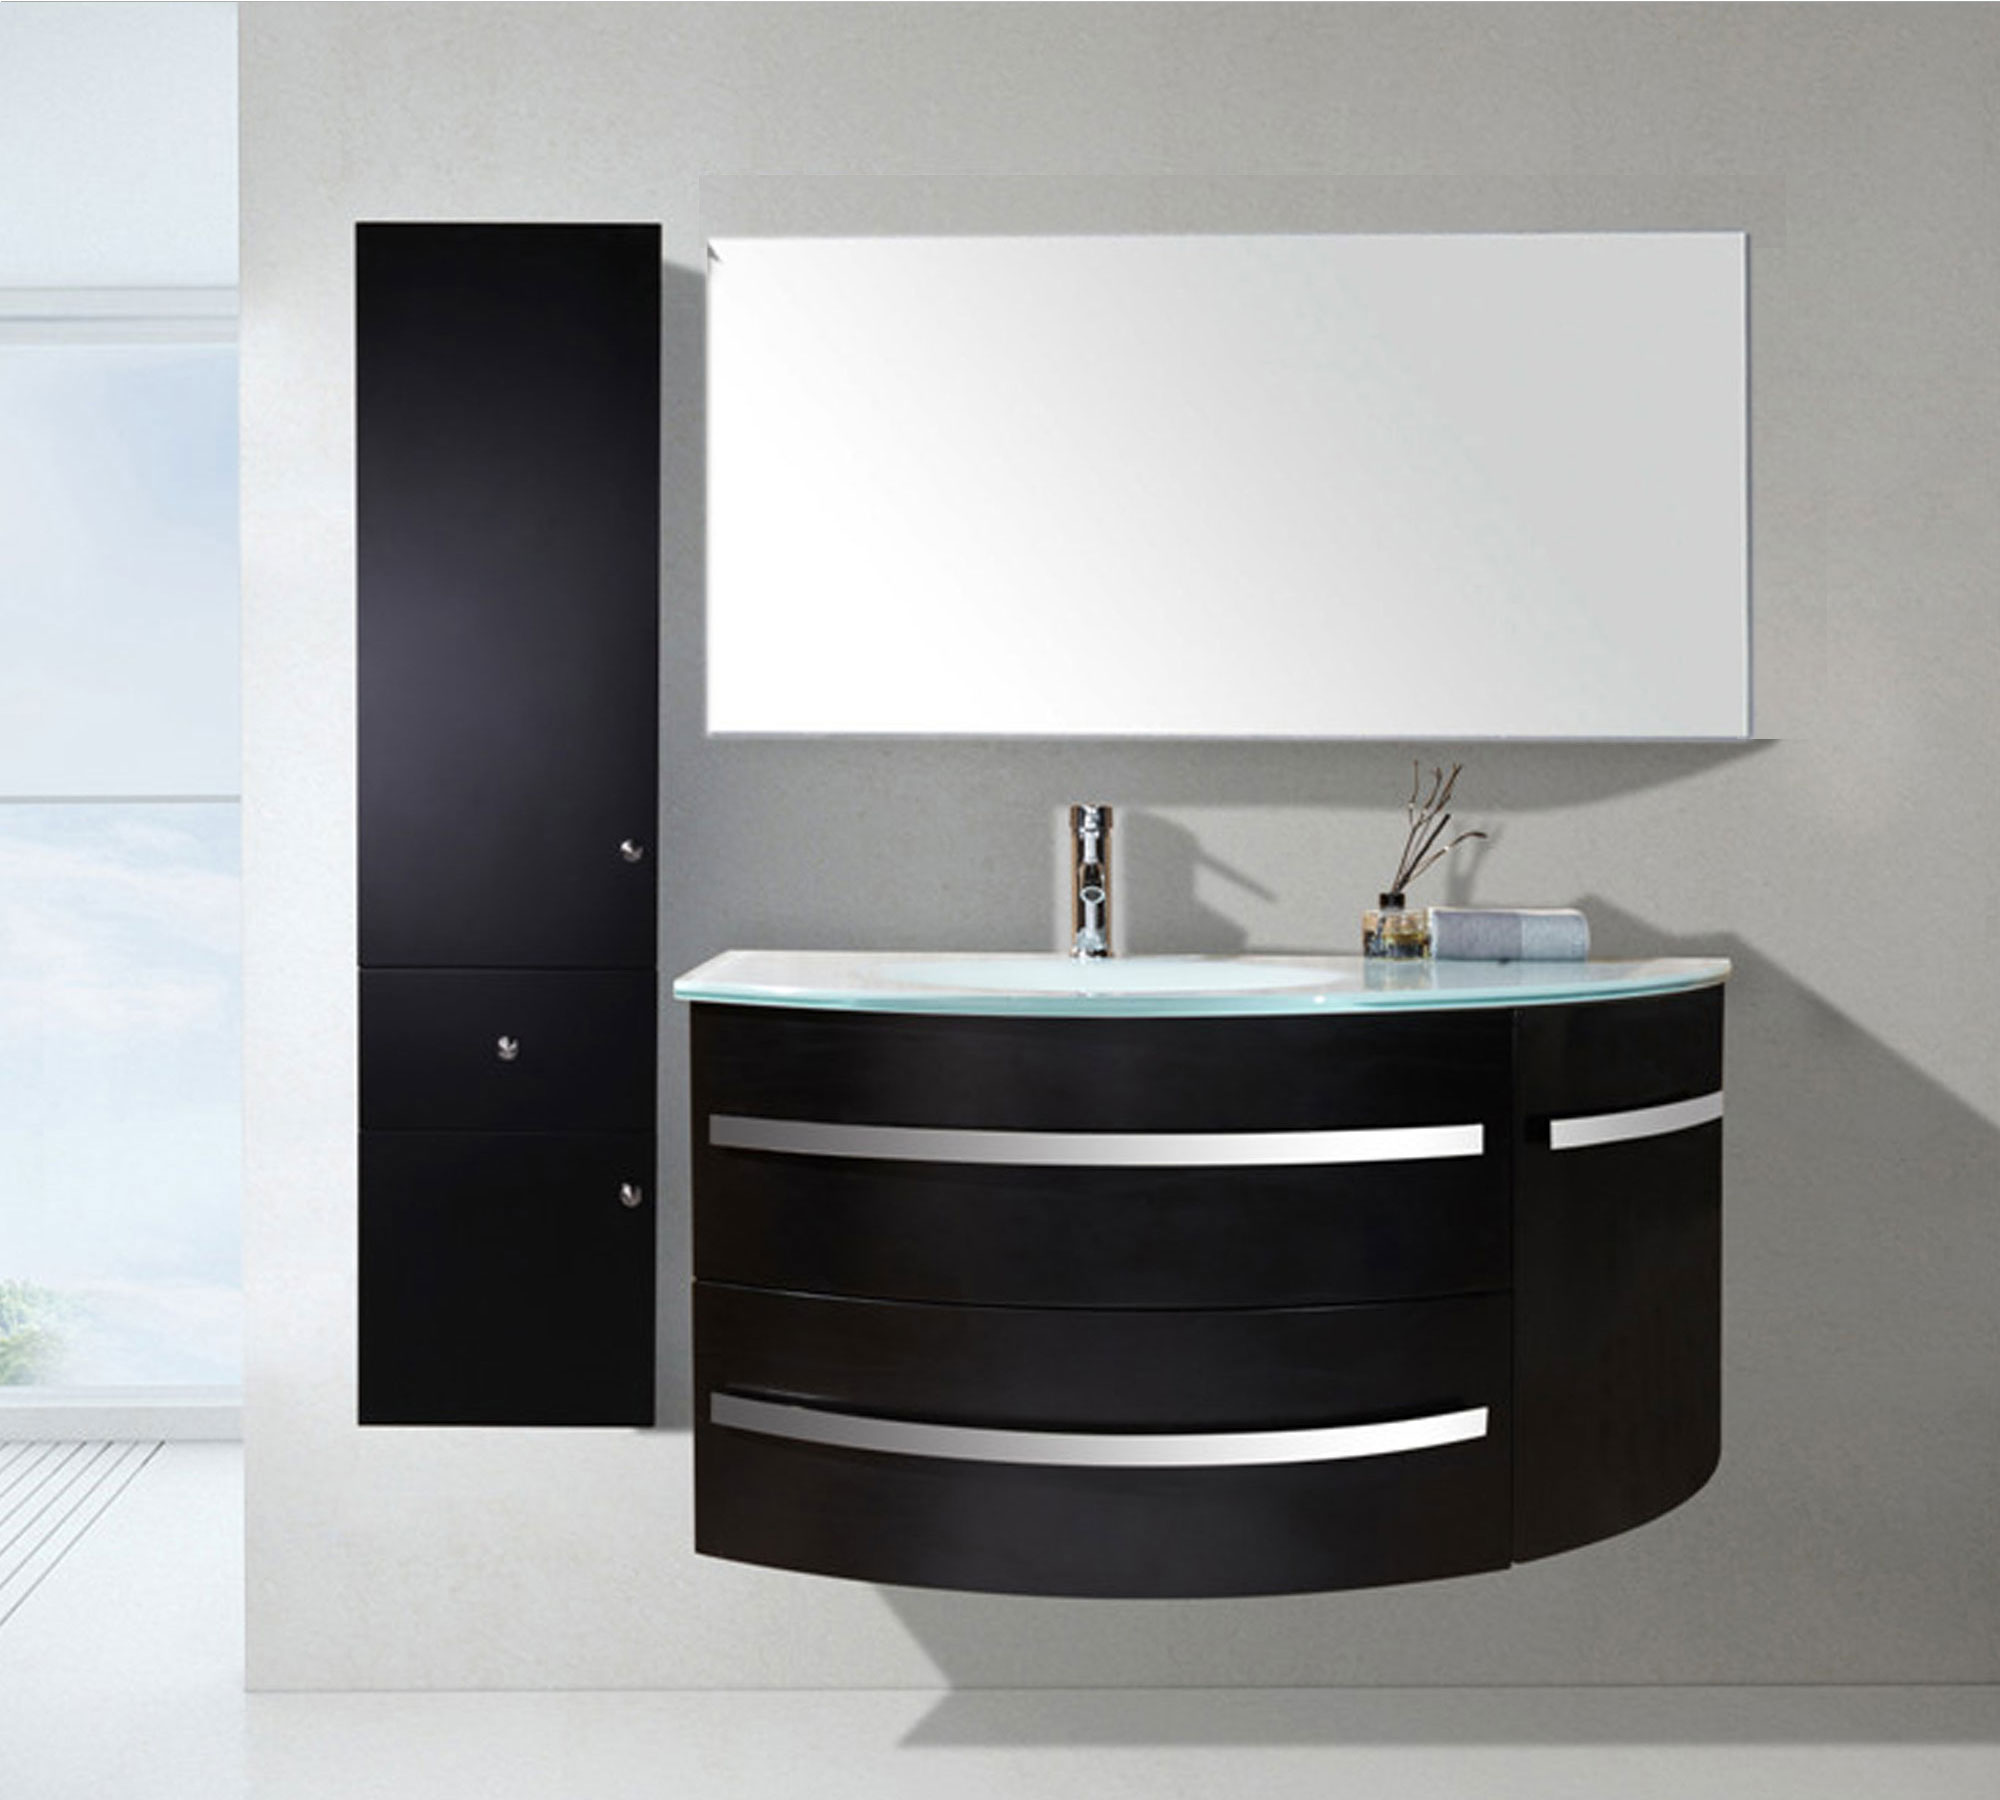 badm bel 120 cm badezimmerm bel badezimmer waschtisch schrank spiegel set b amba ebay. Black Bedroom Furniture Sets. Home Design Ideas